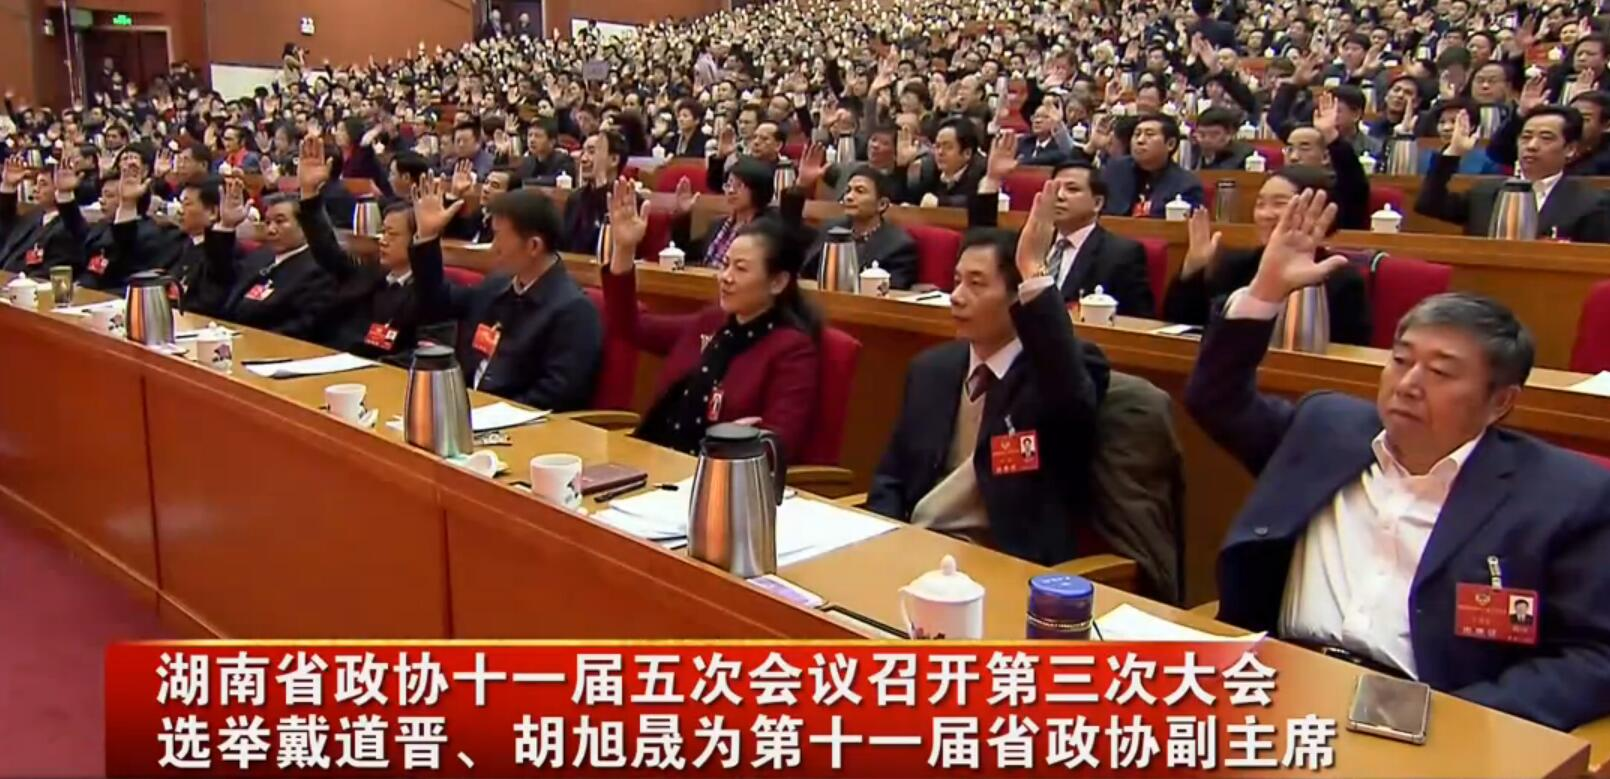 省政协十一届五次会议第三次大会 选举戴道晋、胡旭晟为省政协副主席